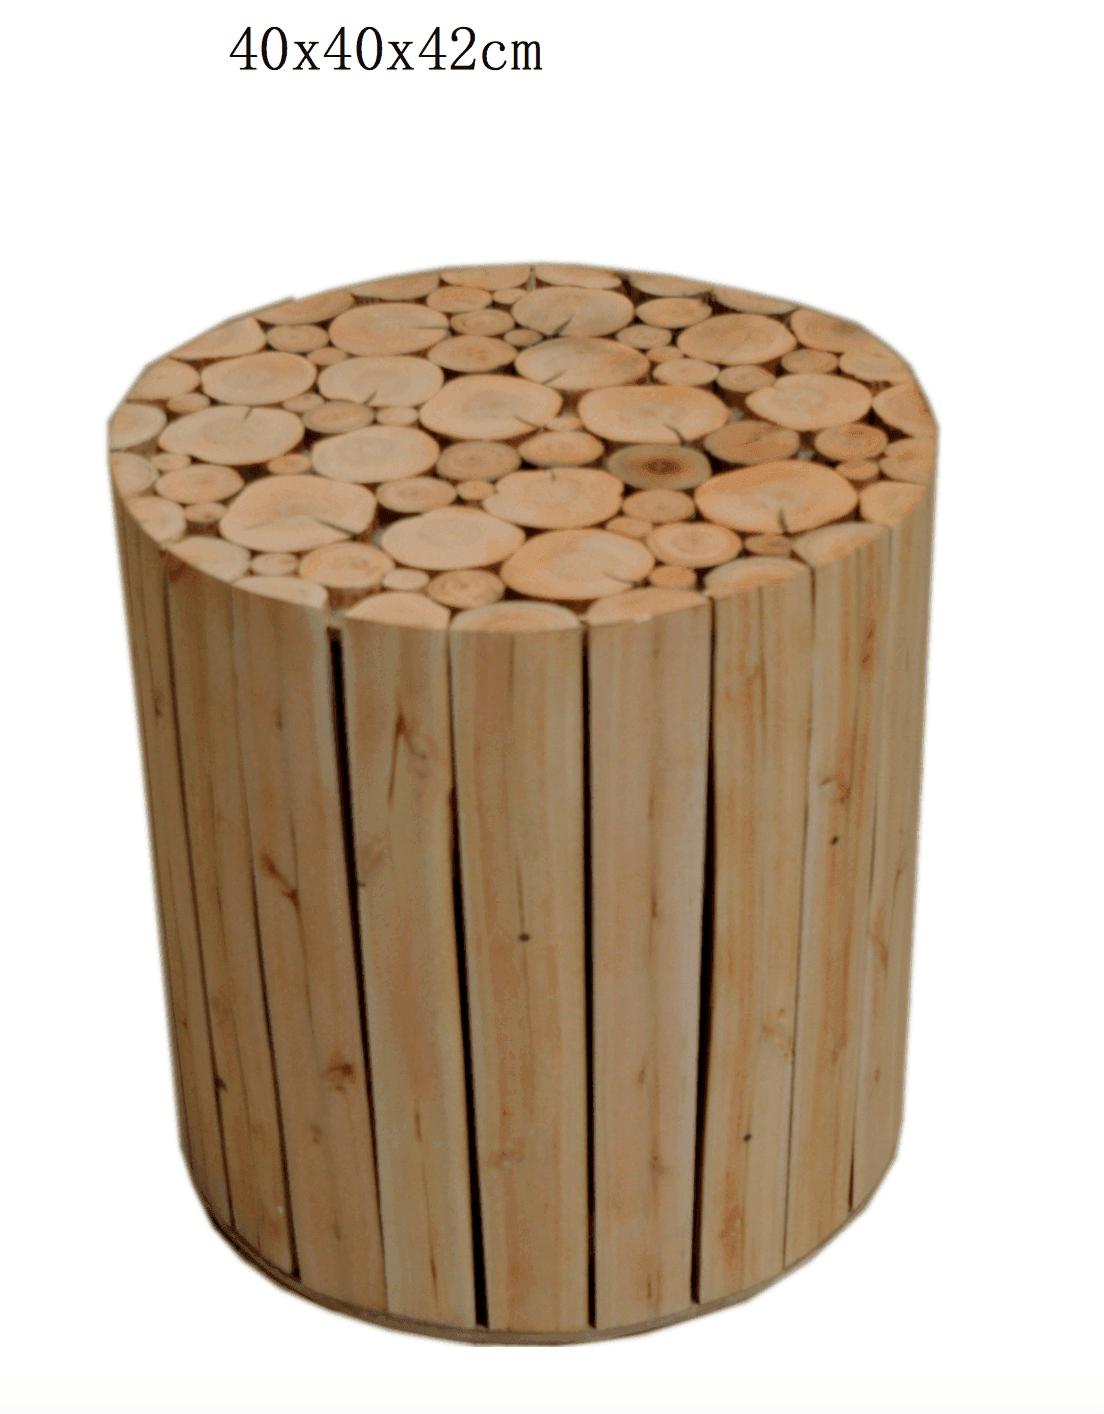 Wooden eucalyptus ottoman scandinavian style 4